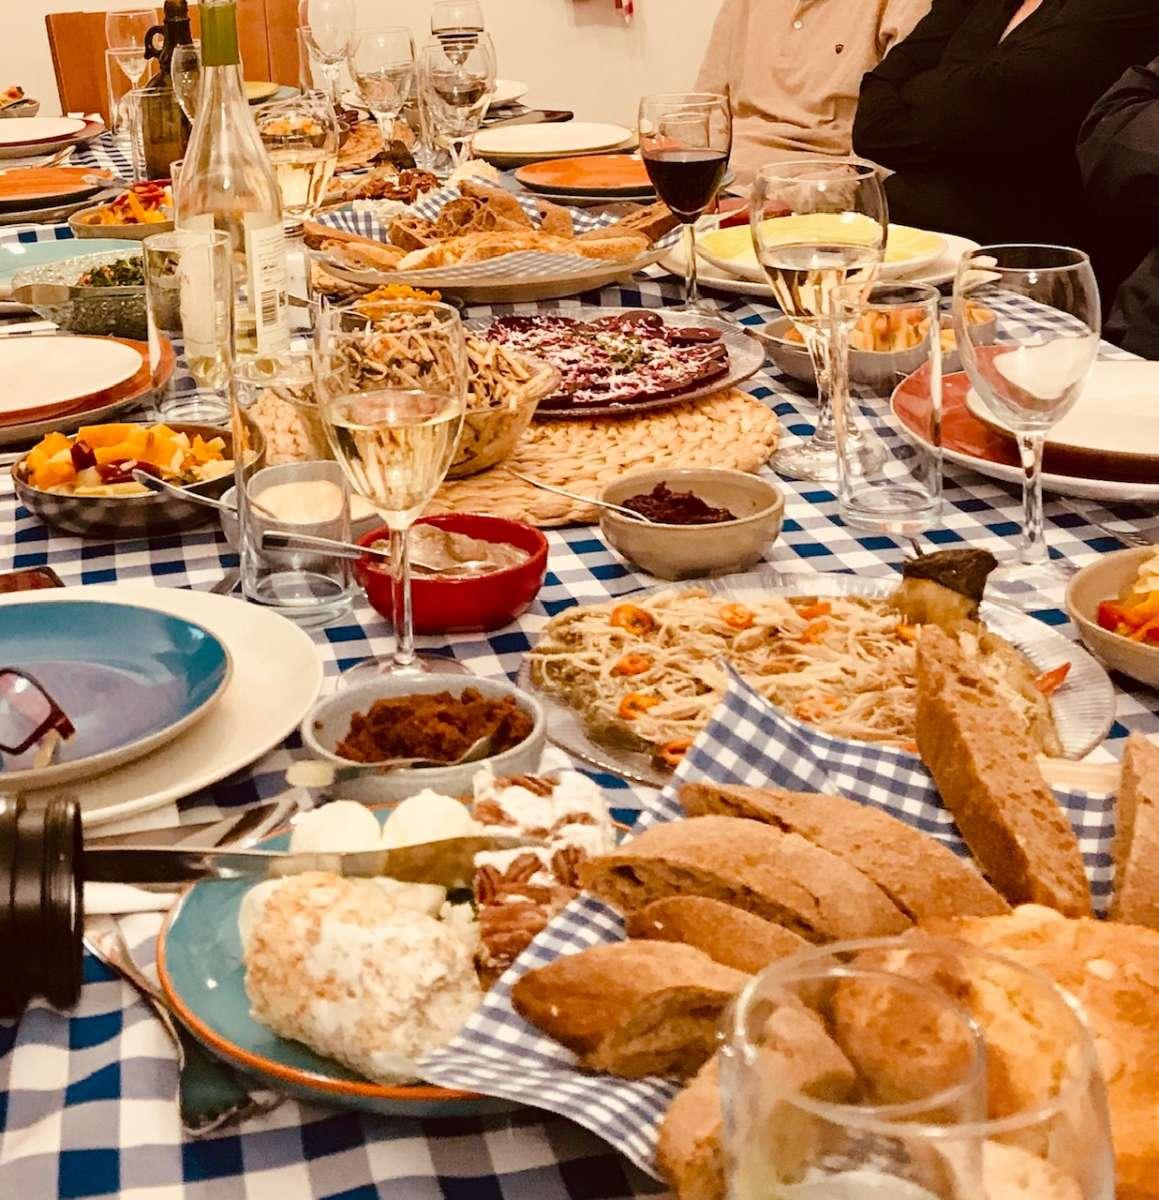 שולחן ערוך בשולחן ארוך / צילום: לירון פיין